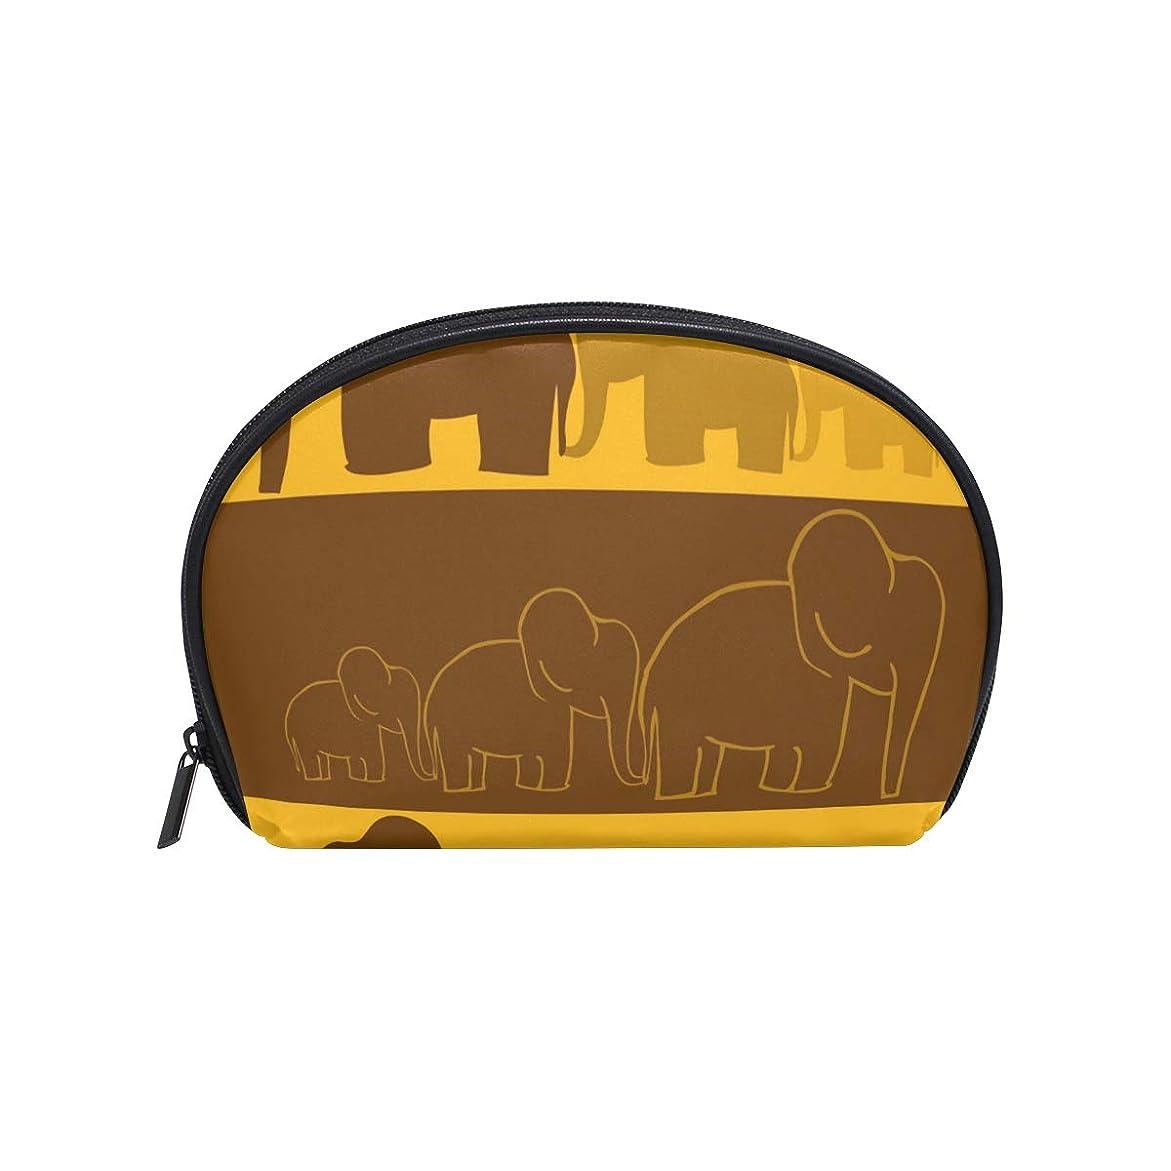 レンチ砂の結び目半月型 象柄 動物柄 黄色 化粧ポーチ コスメポーチ コスメバッグ メイクポーチ 大容量 旅行 小物入れ